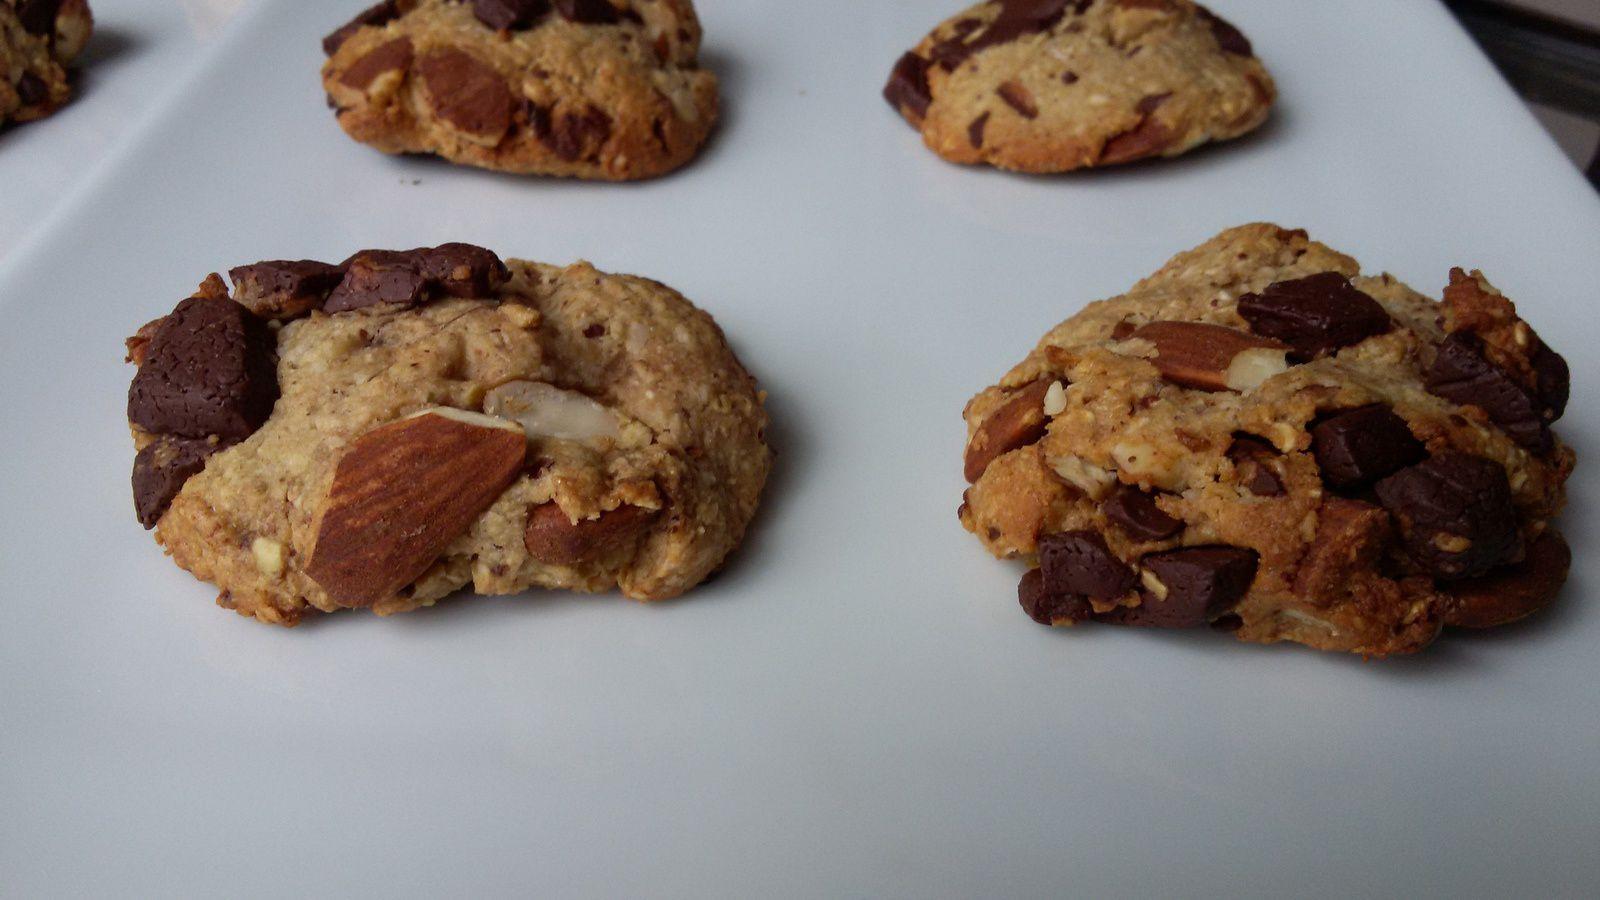 Cookies amandes / chocolat au son d'avoine - Healthy cookies - avec de la purée d'amande